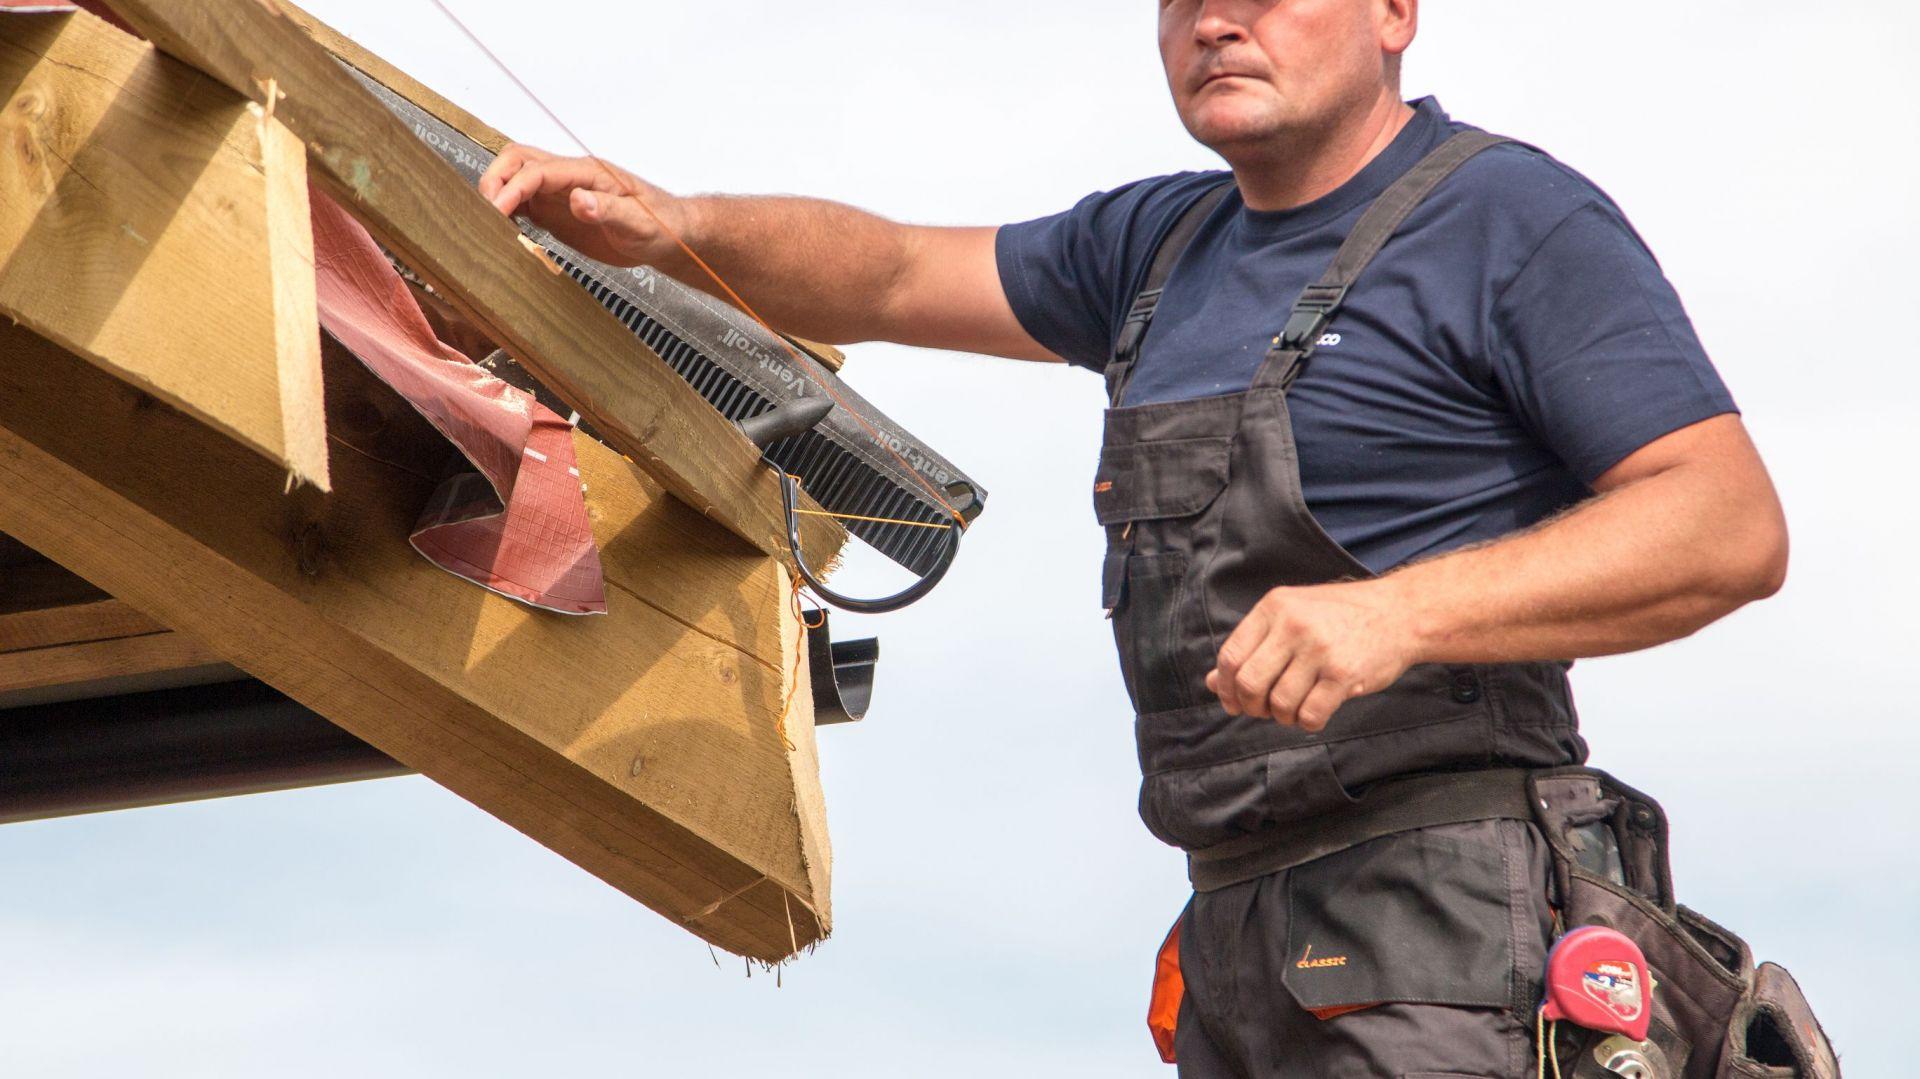 Rozciągnięcie sznurka, który pomoże wyznaczyć linie dla prawidłowego montażu pozostałych haków. Fot. Galeco